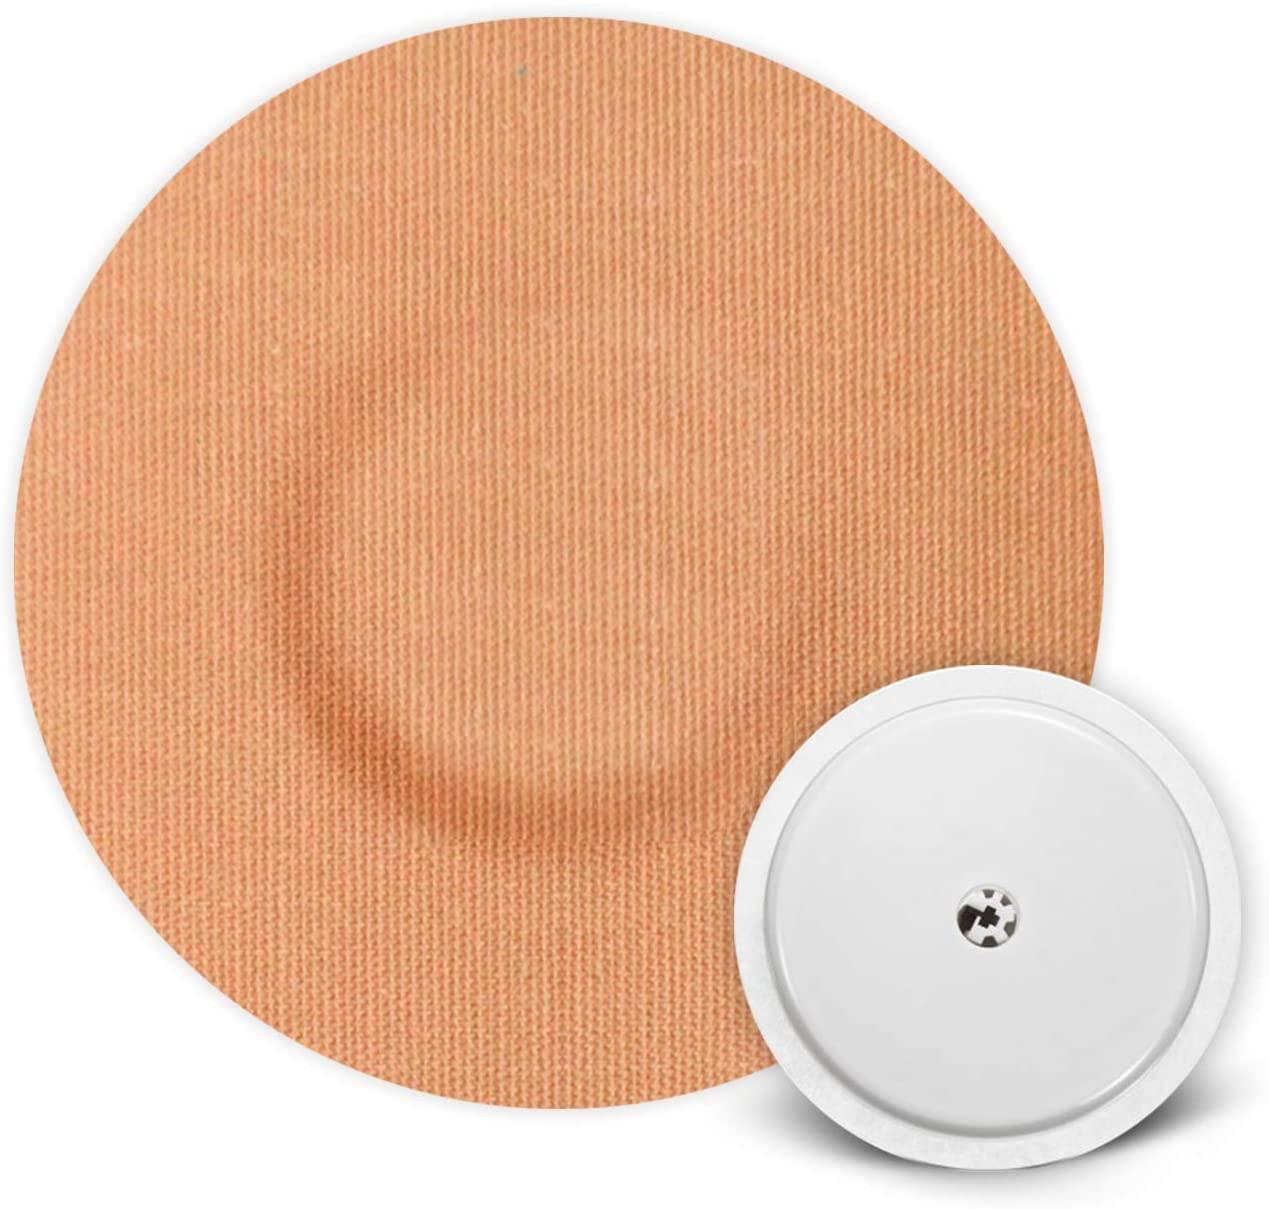 parche-adhesivo-cgm-para-dexcom-g6-y-libre-parches-adhesivos-resistentes-al-agua-precortados-25-uds